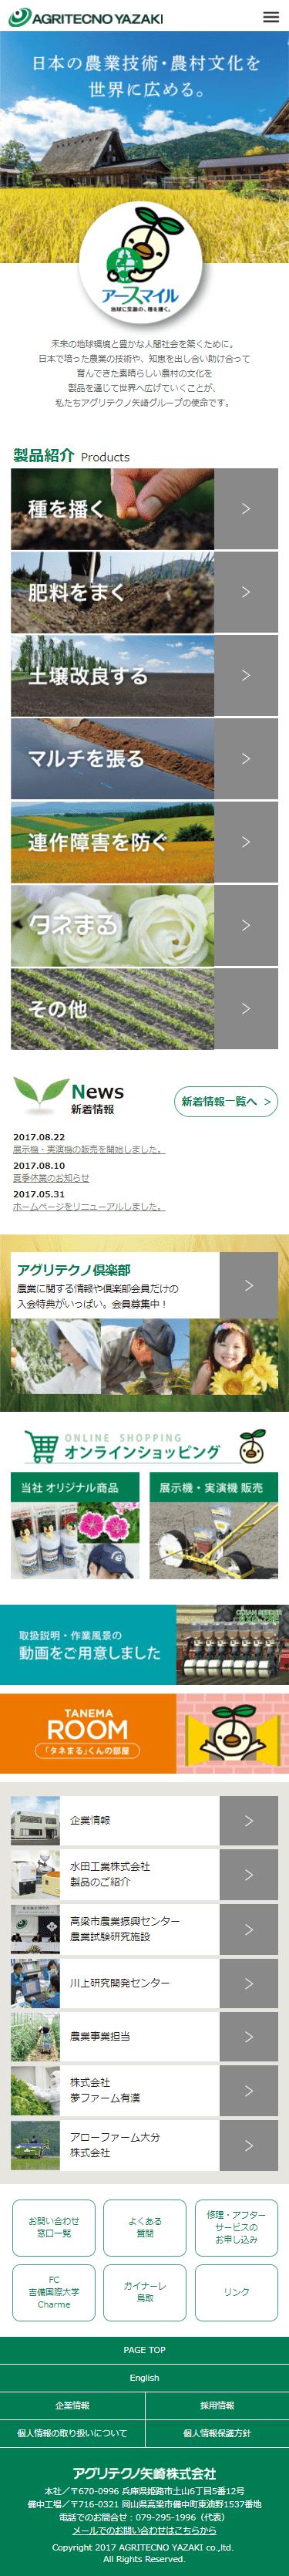 姫路市 アグリテクノ矢崎株式会社様 ホームページ制作3